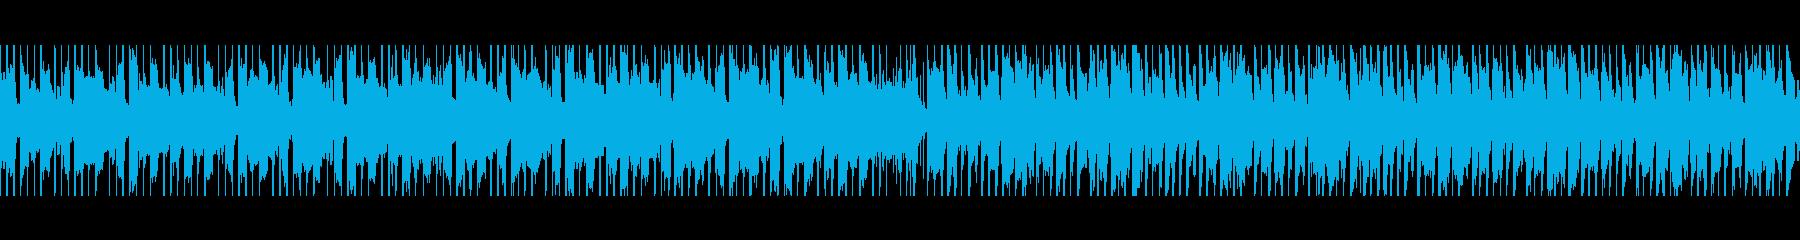 ベリーダンス(ループ)の再生済みの波形